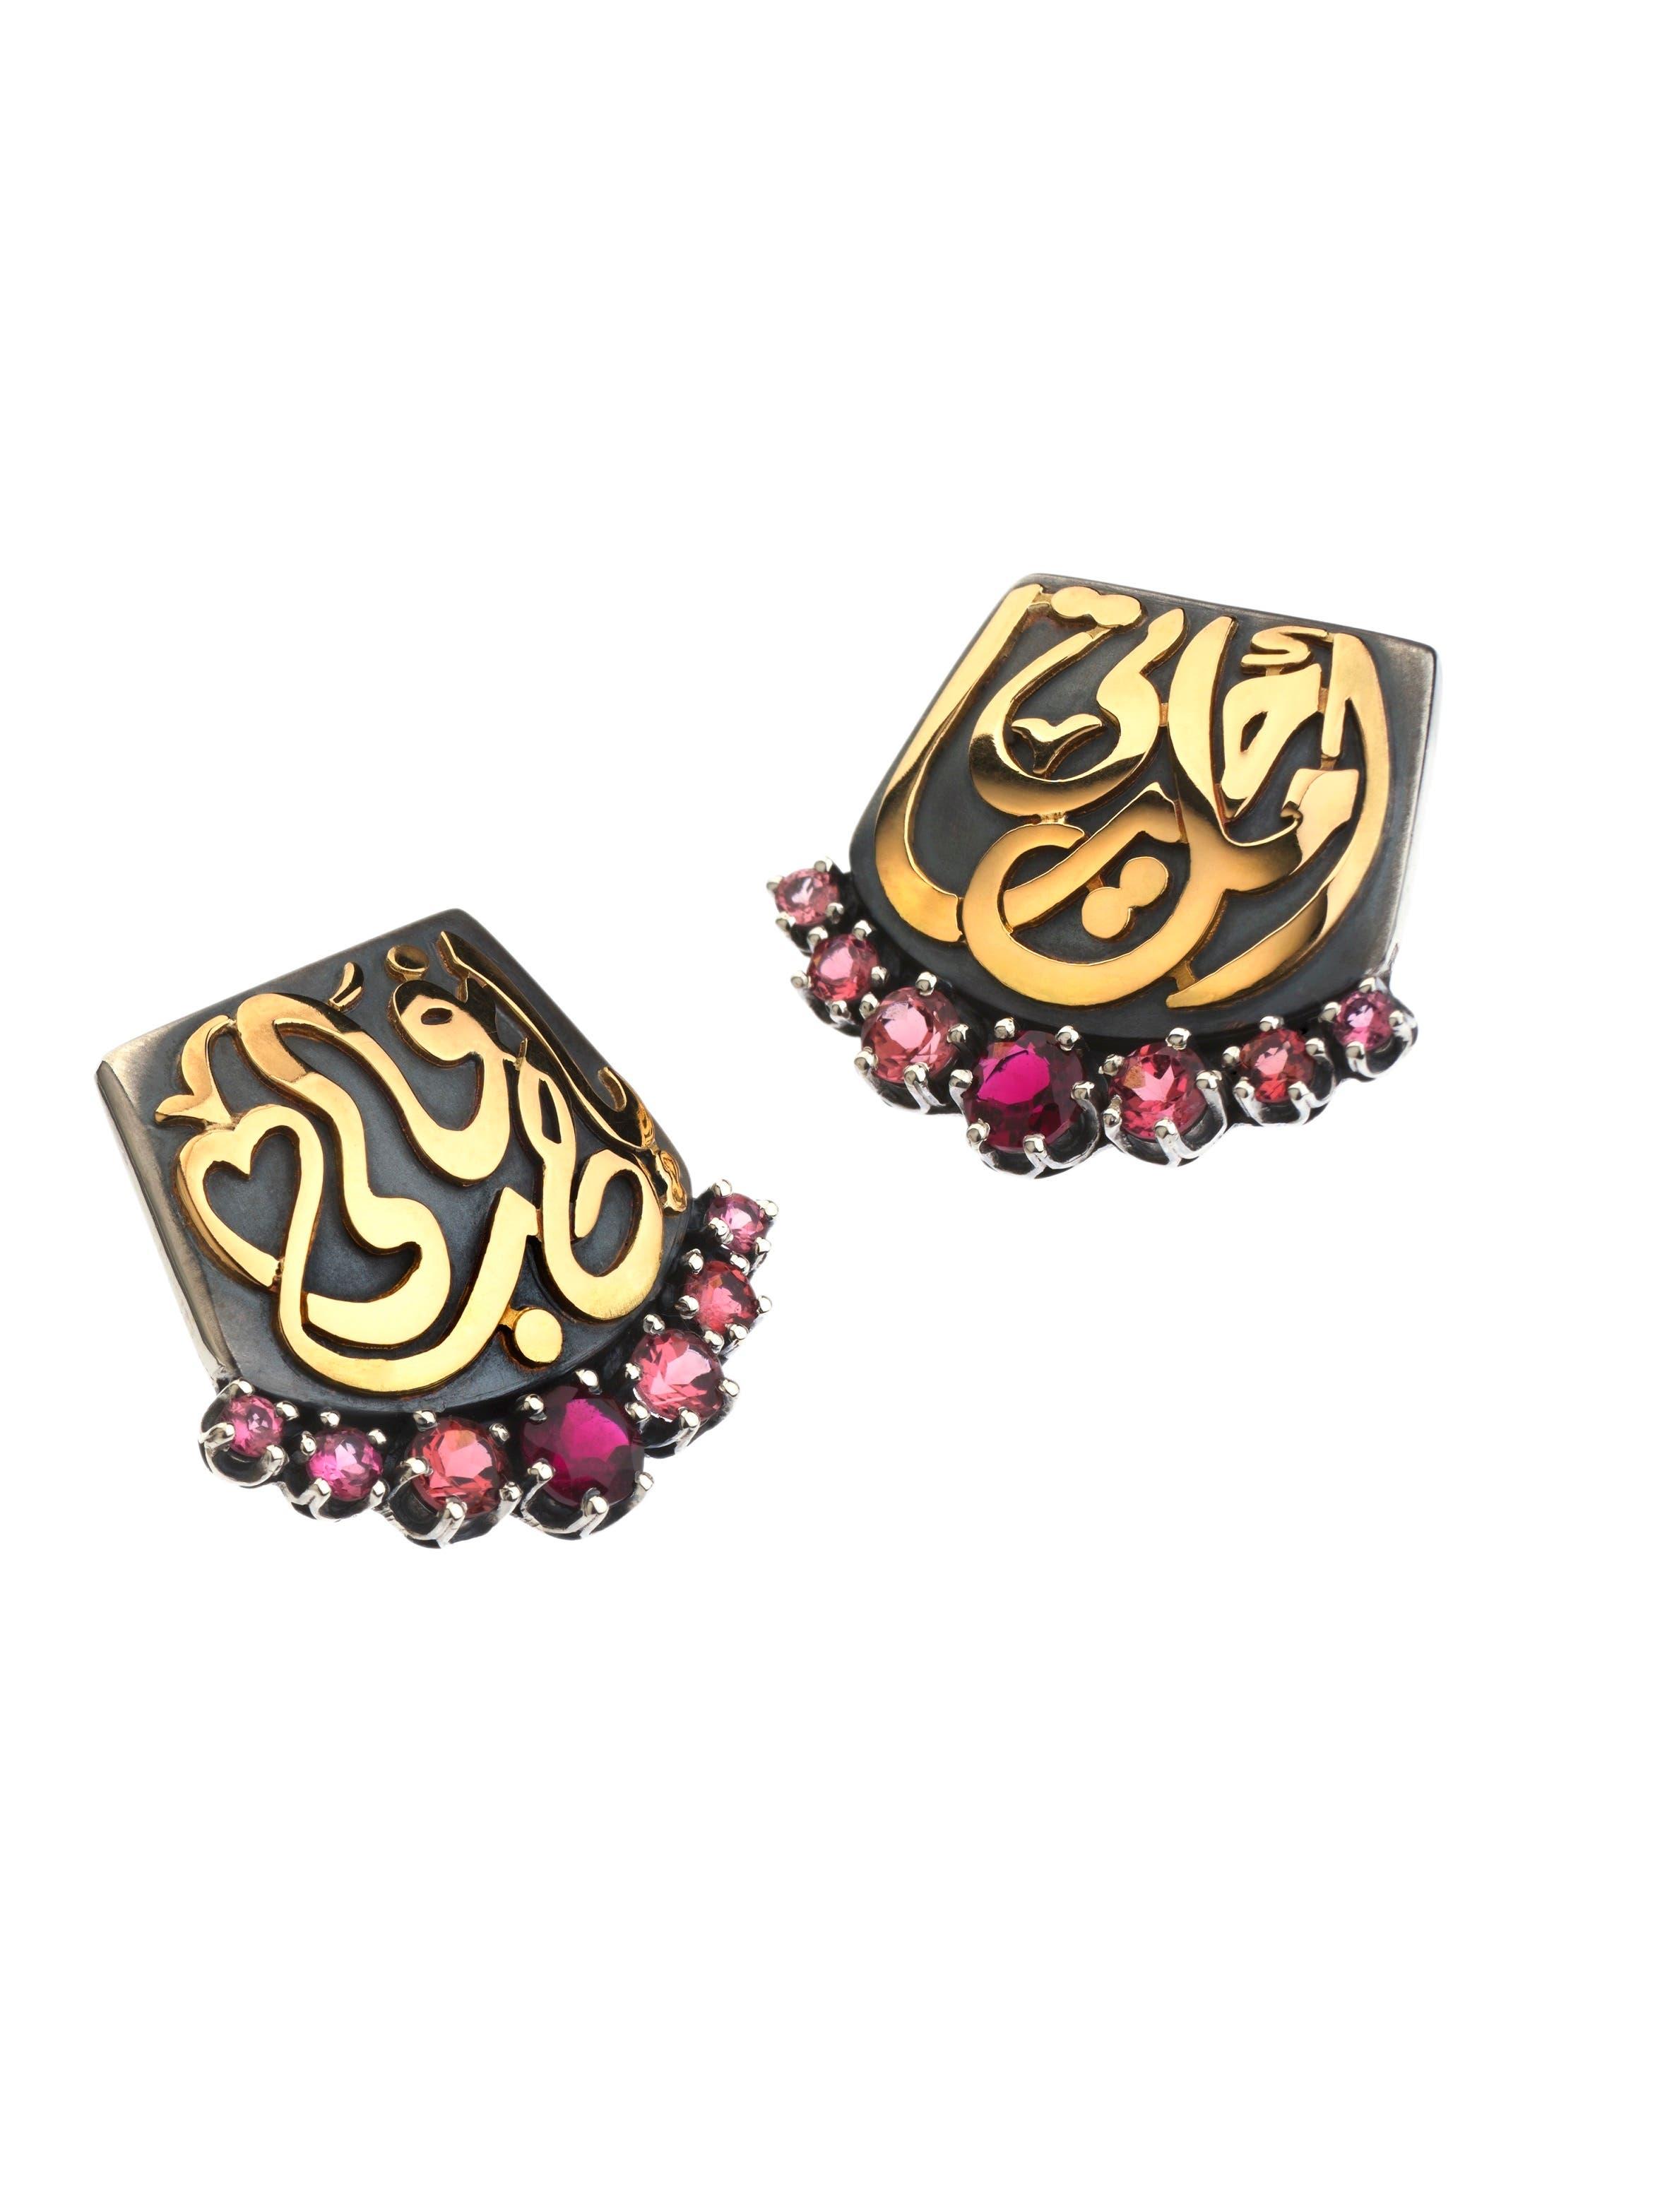 Azza Fahmy 'Suma' collection